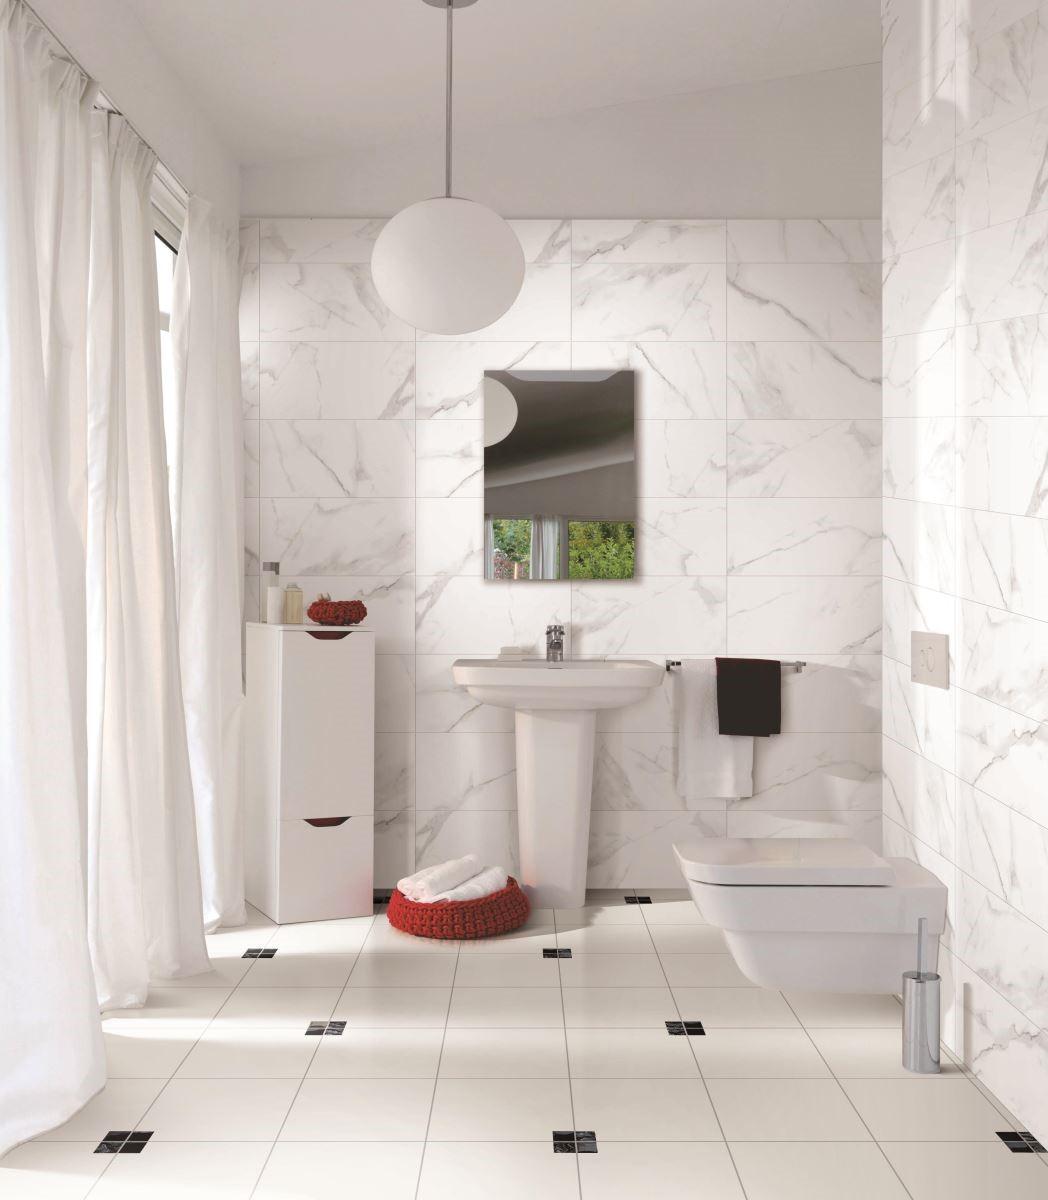 在浴廁空間,今年度大面積花色的磁磚大受好評,材質上則是防滑、有觸感的質地越來越被重視。